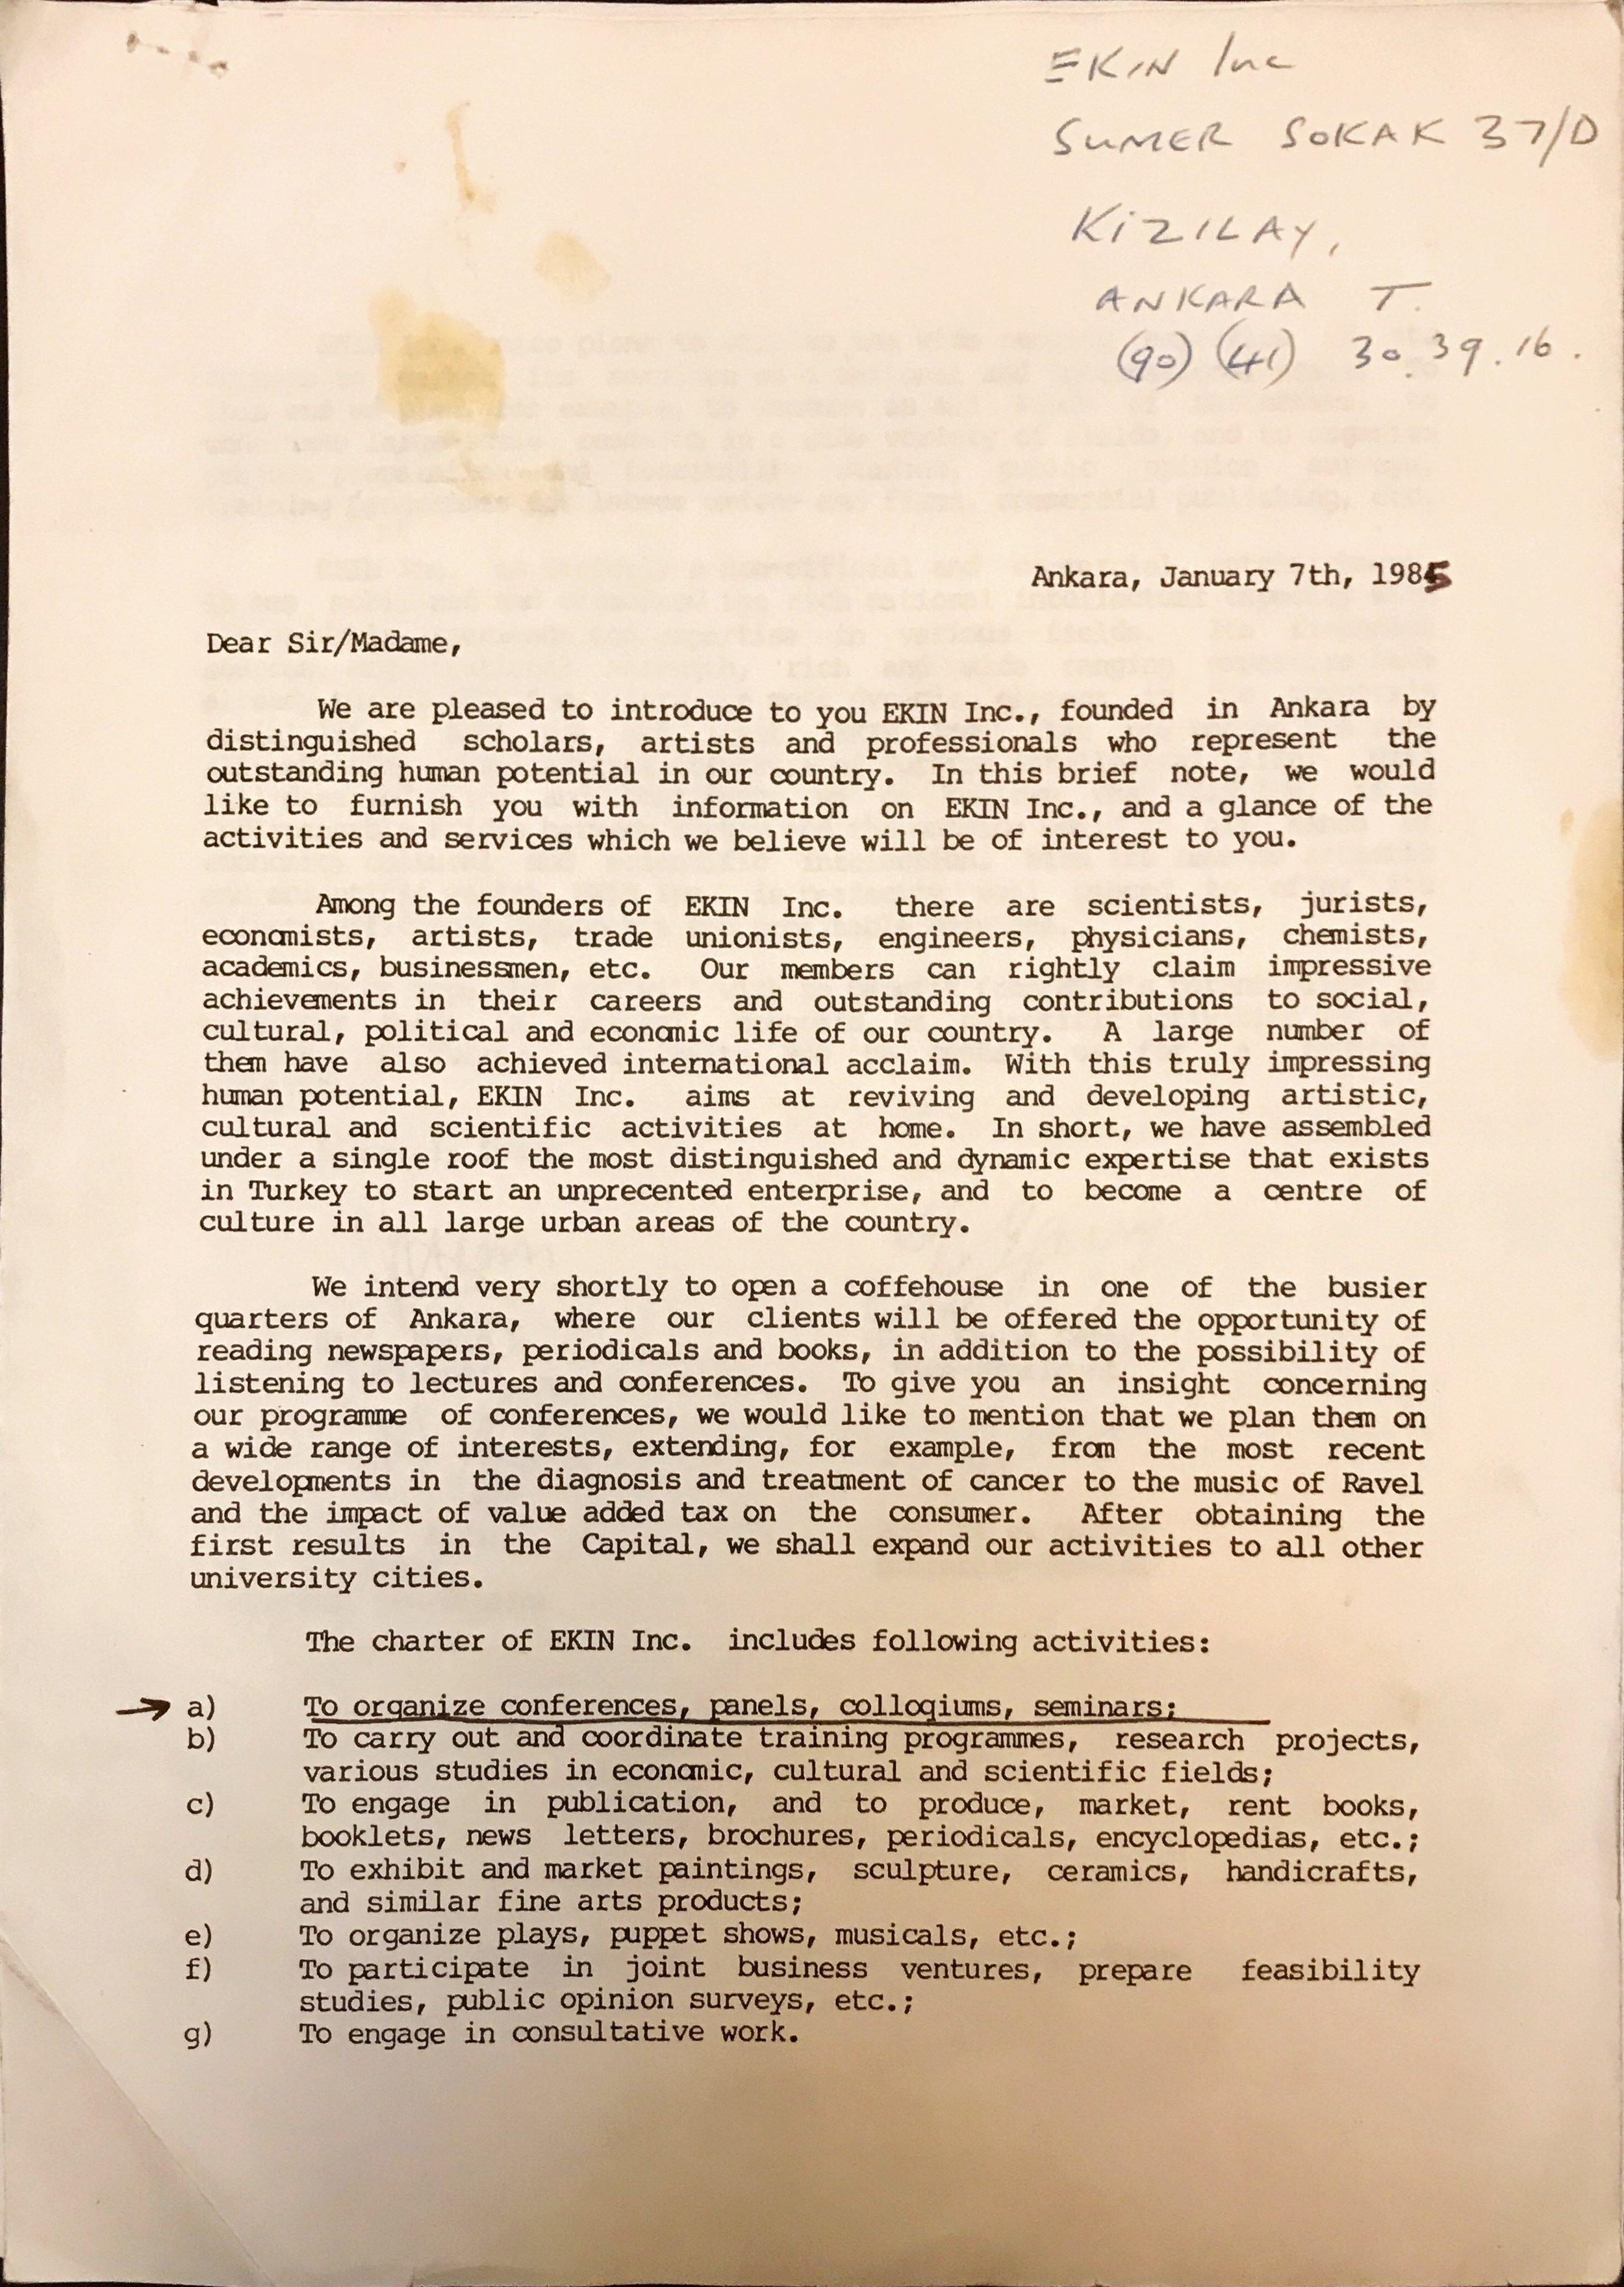 1985_letter_ekin-1.JPG